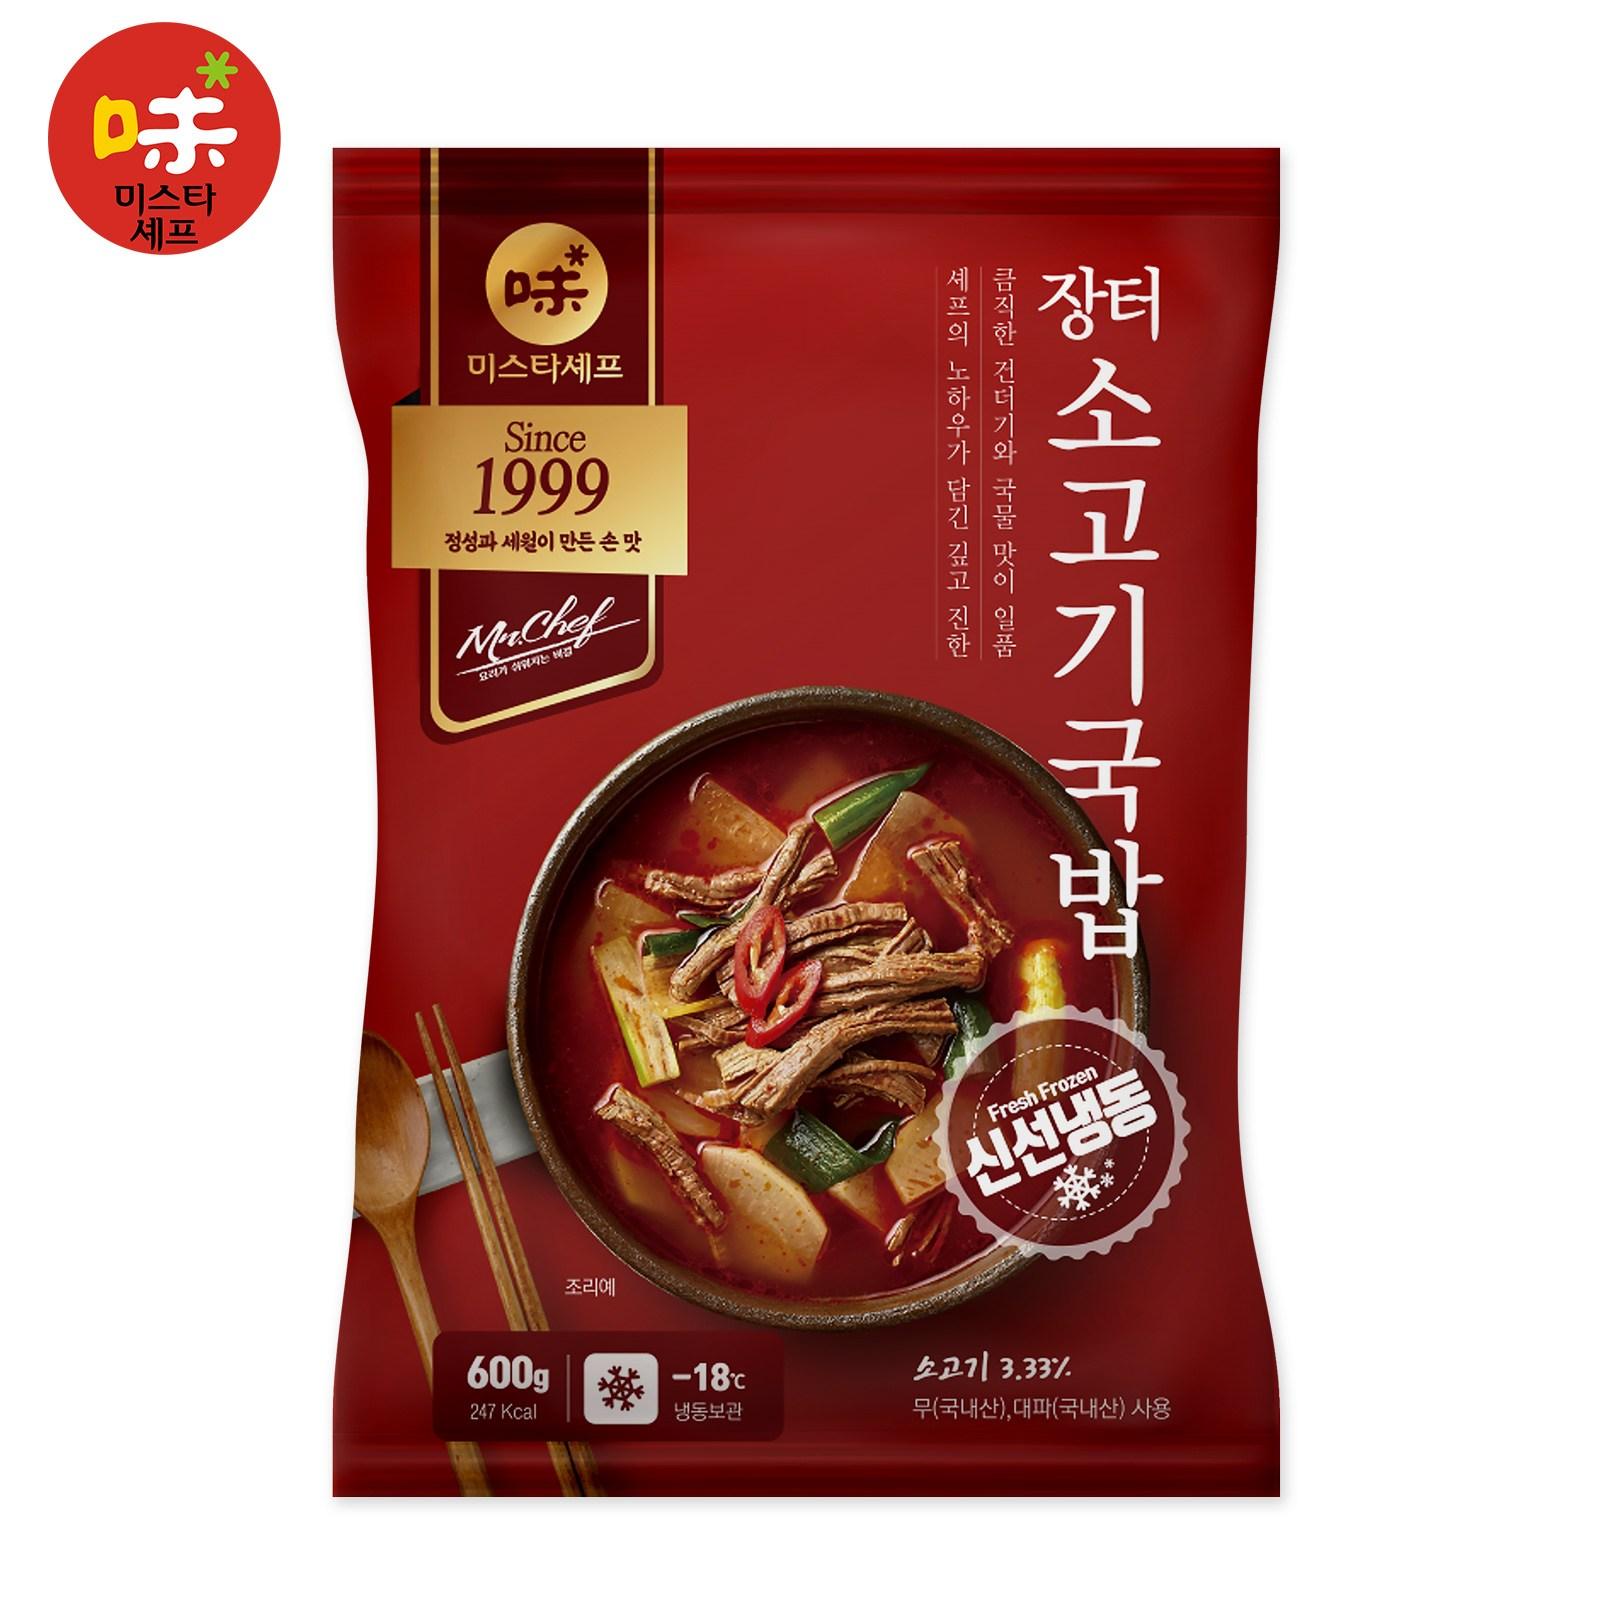 미스타셰프 장터 소고기국밥 600g 1팩